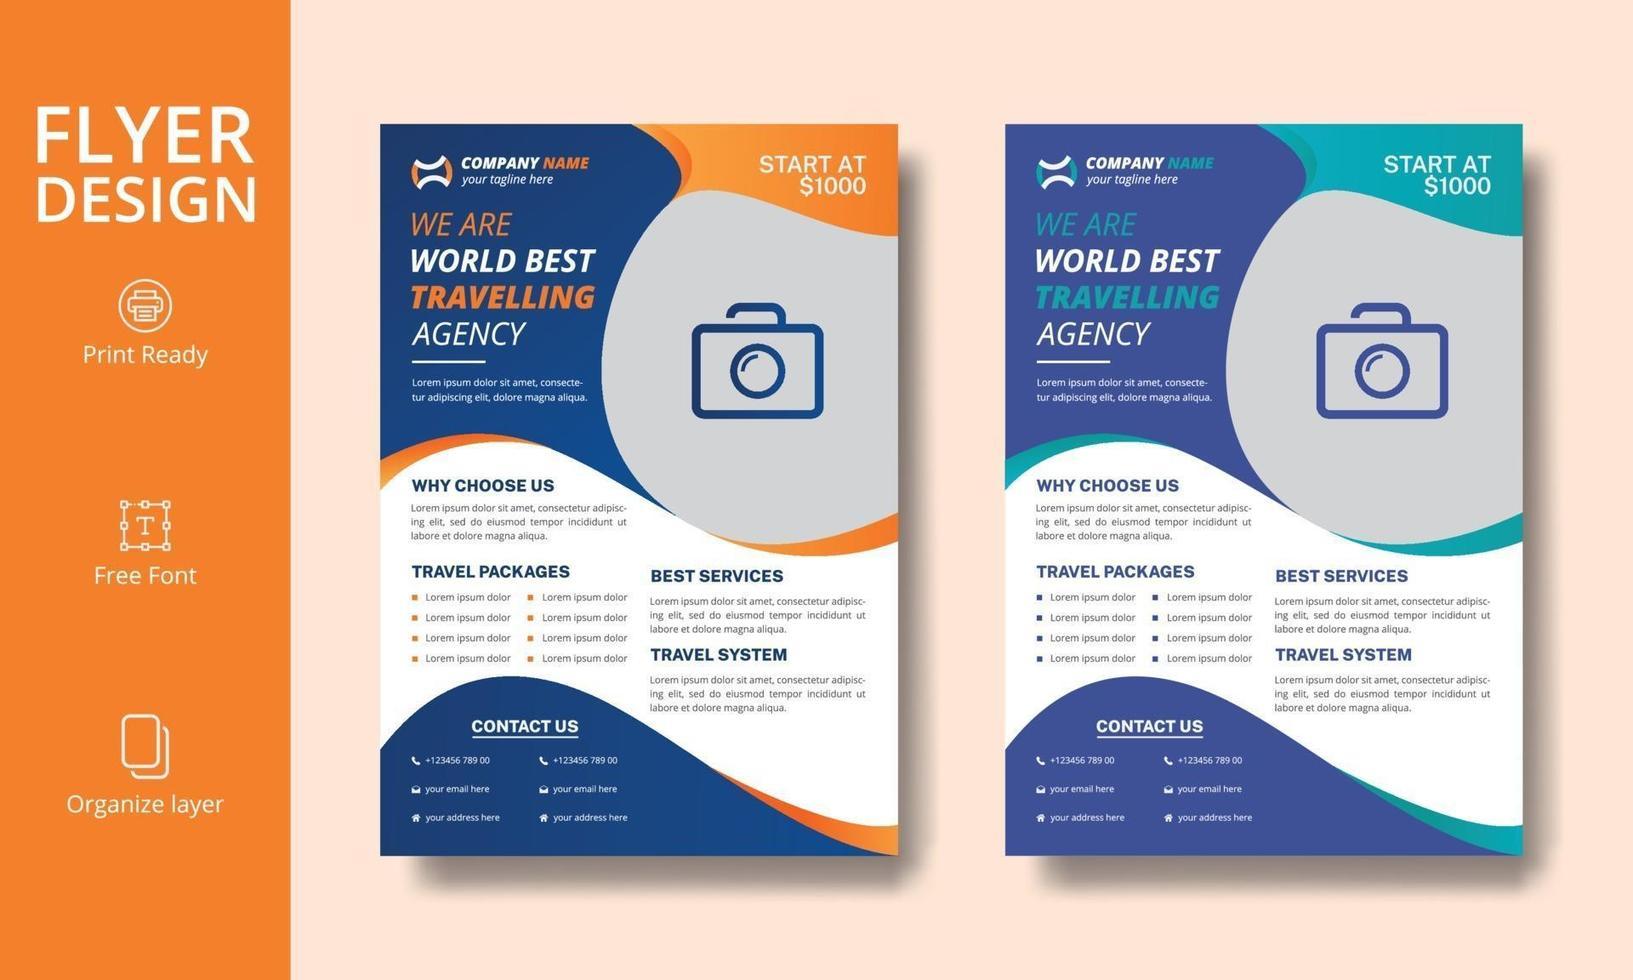 design creativo professionale arancione e blu di volantino per agenzia di viaggi vettore